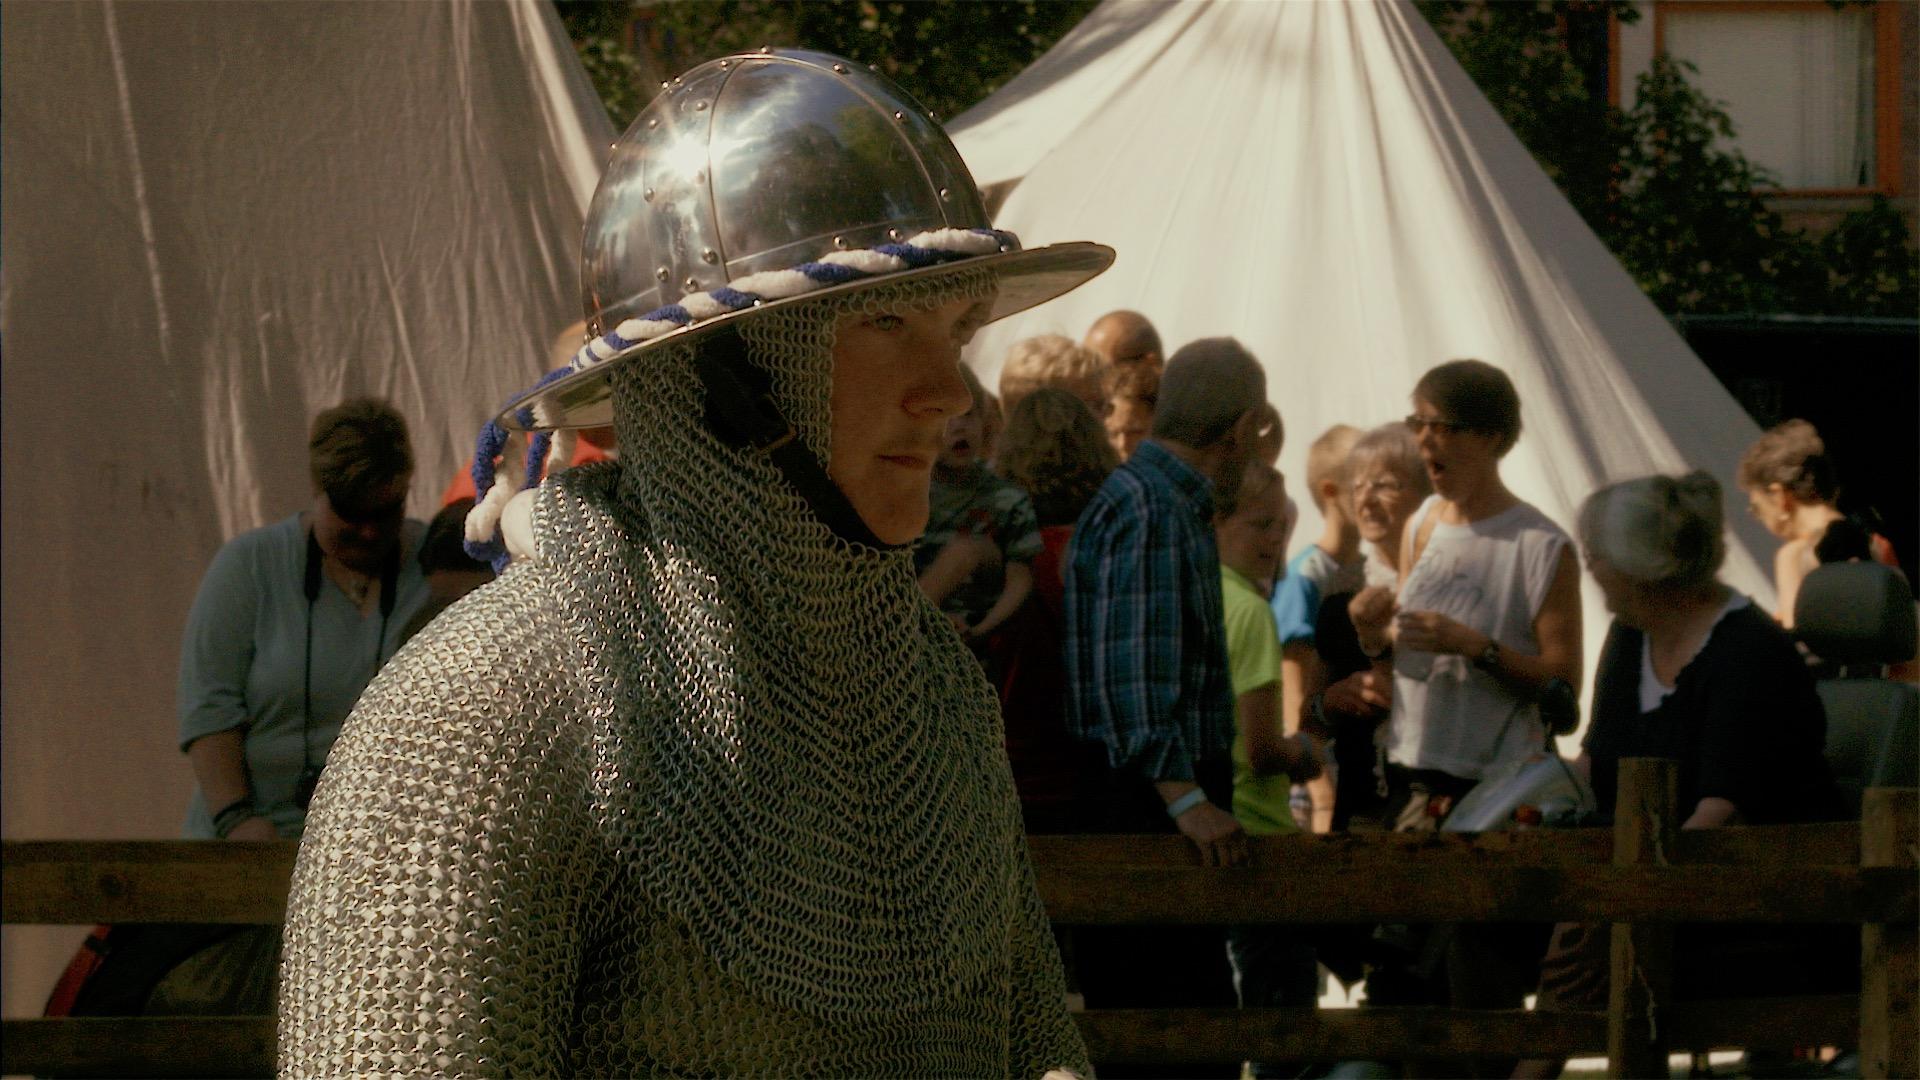 Gebroeders van Limburg Festival 2015